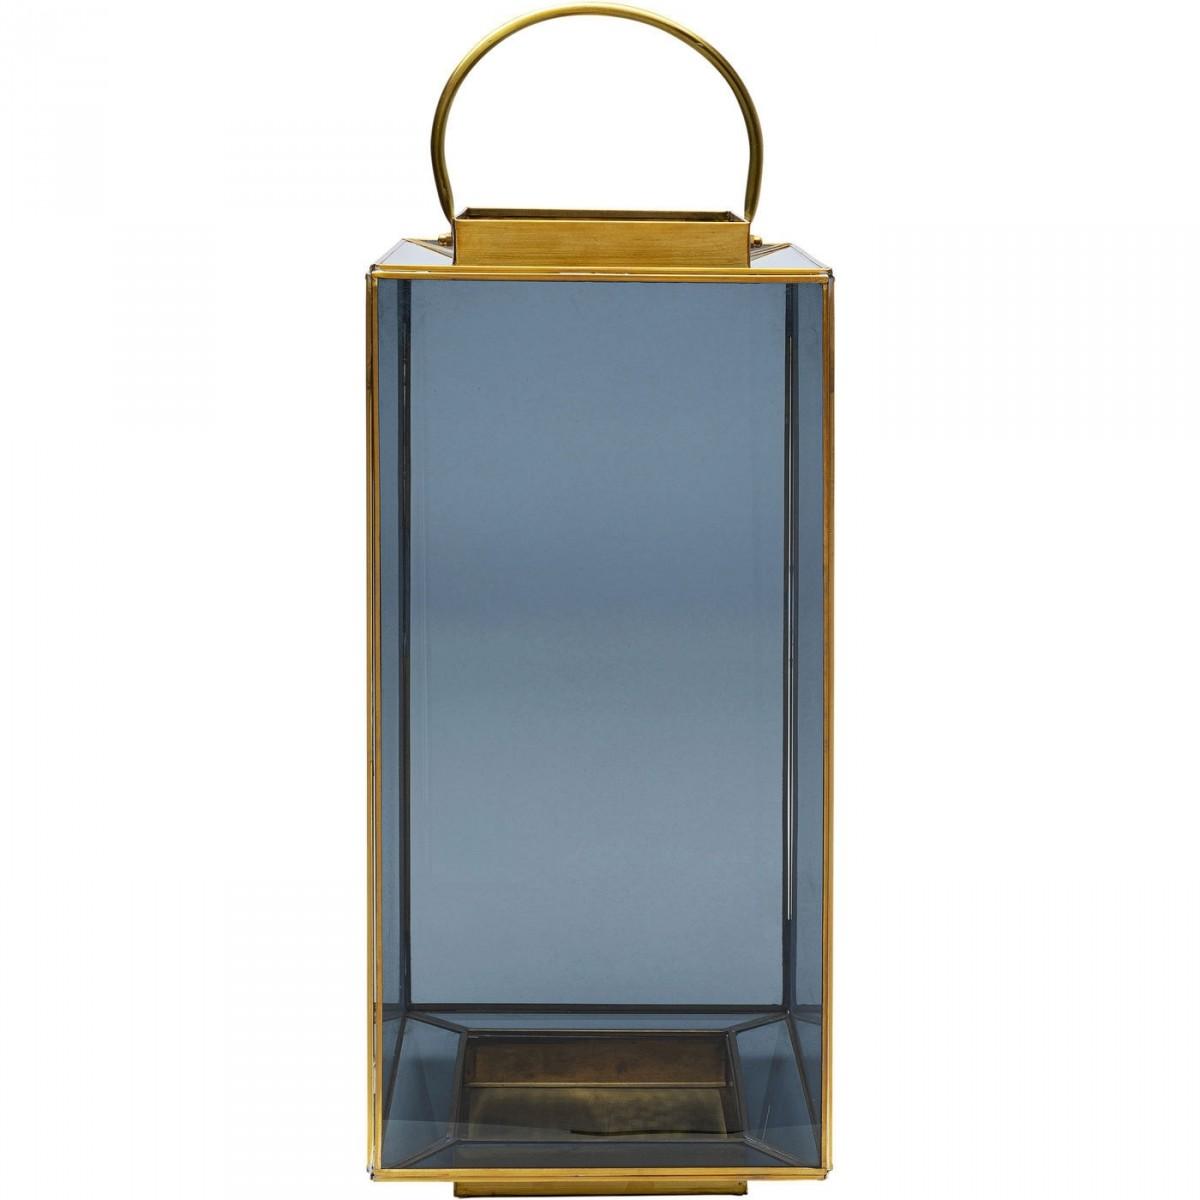 kare design Kare design kvadratisk noir big lanterne, m. hank - glas og messing fra boboonline.dk